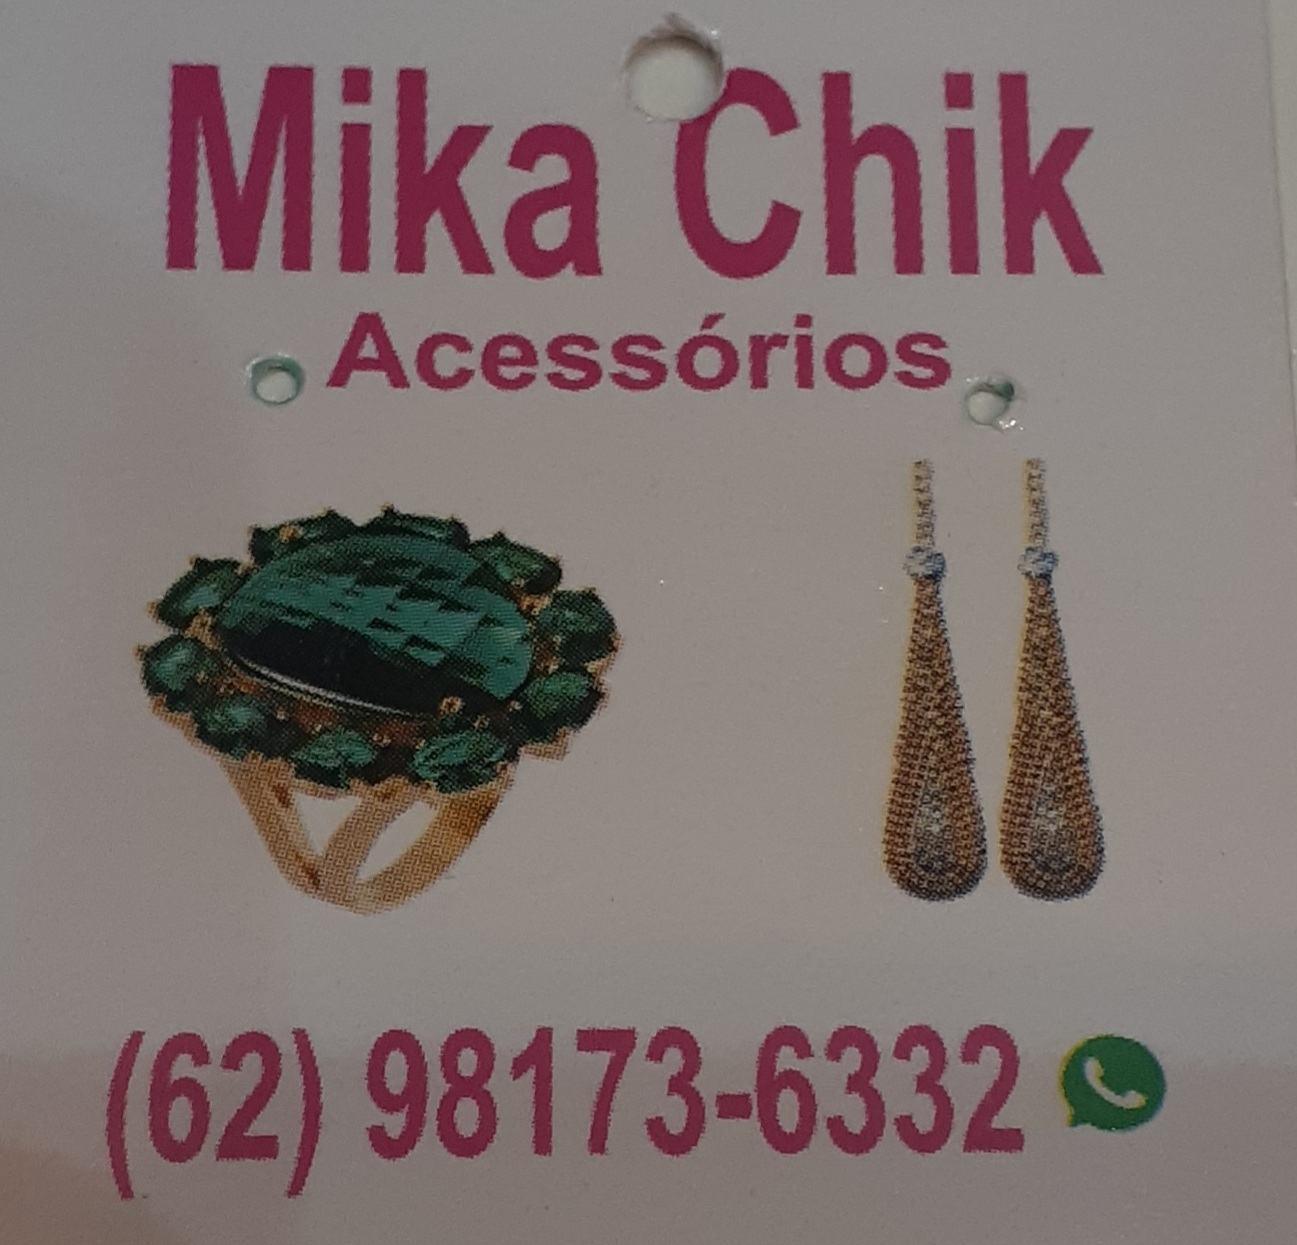 Mika Chick Acessórios